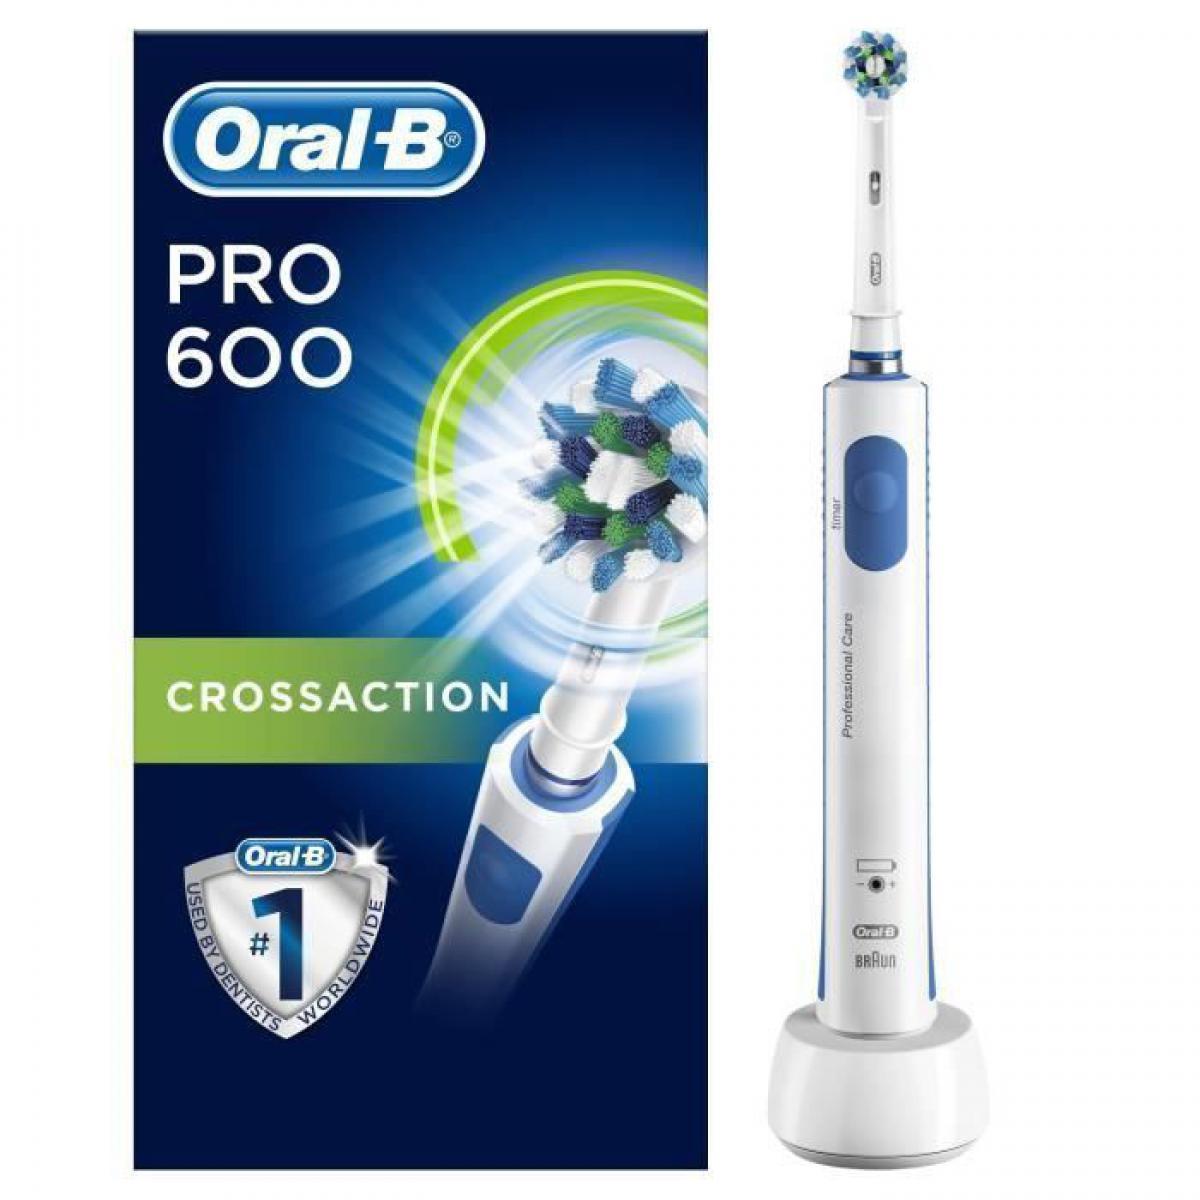 Oral-B Oral-B PRO 600 Cross Action Brosse a dents electrique par BRAUN